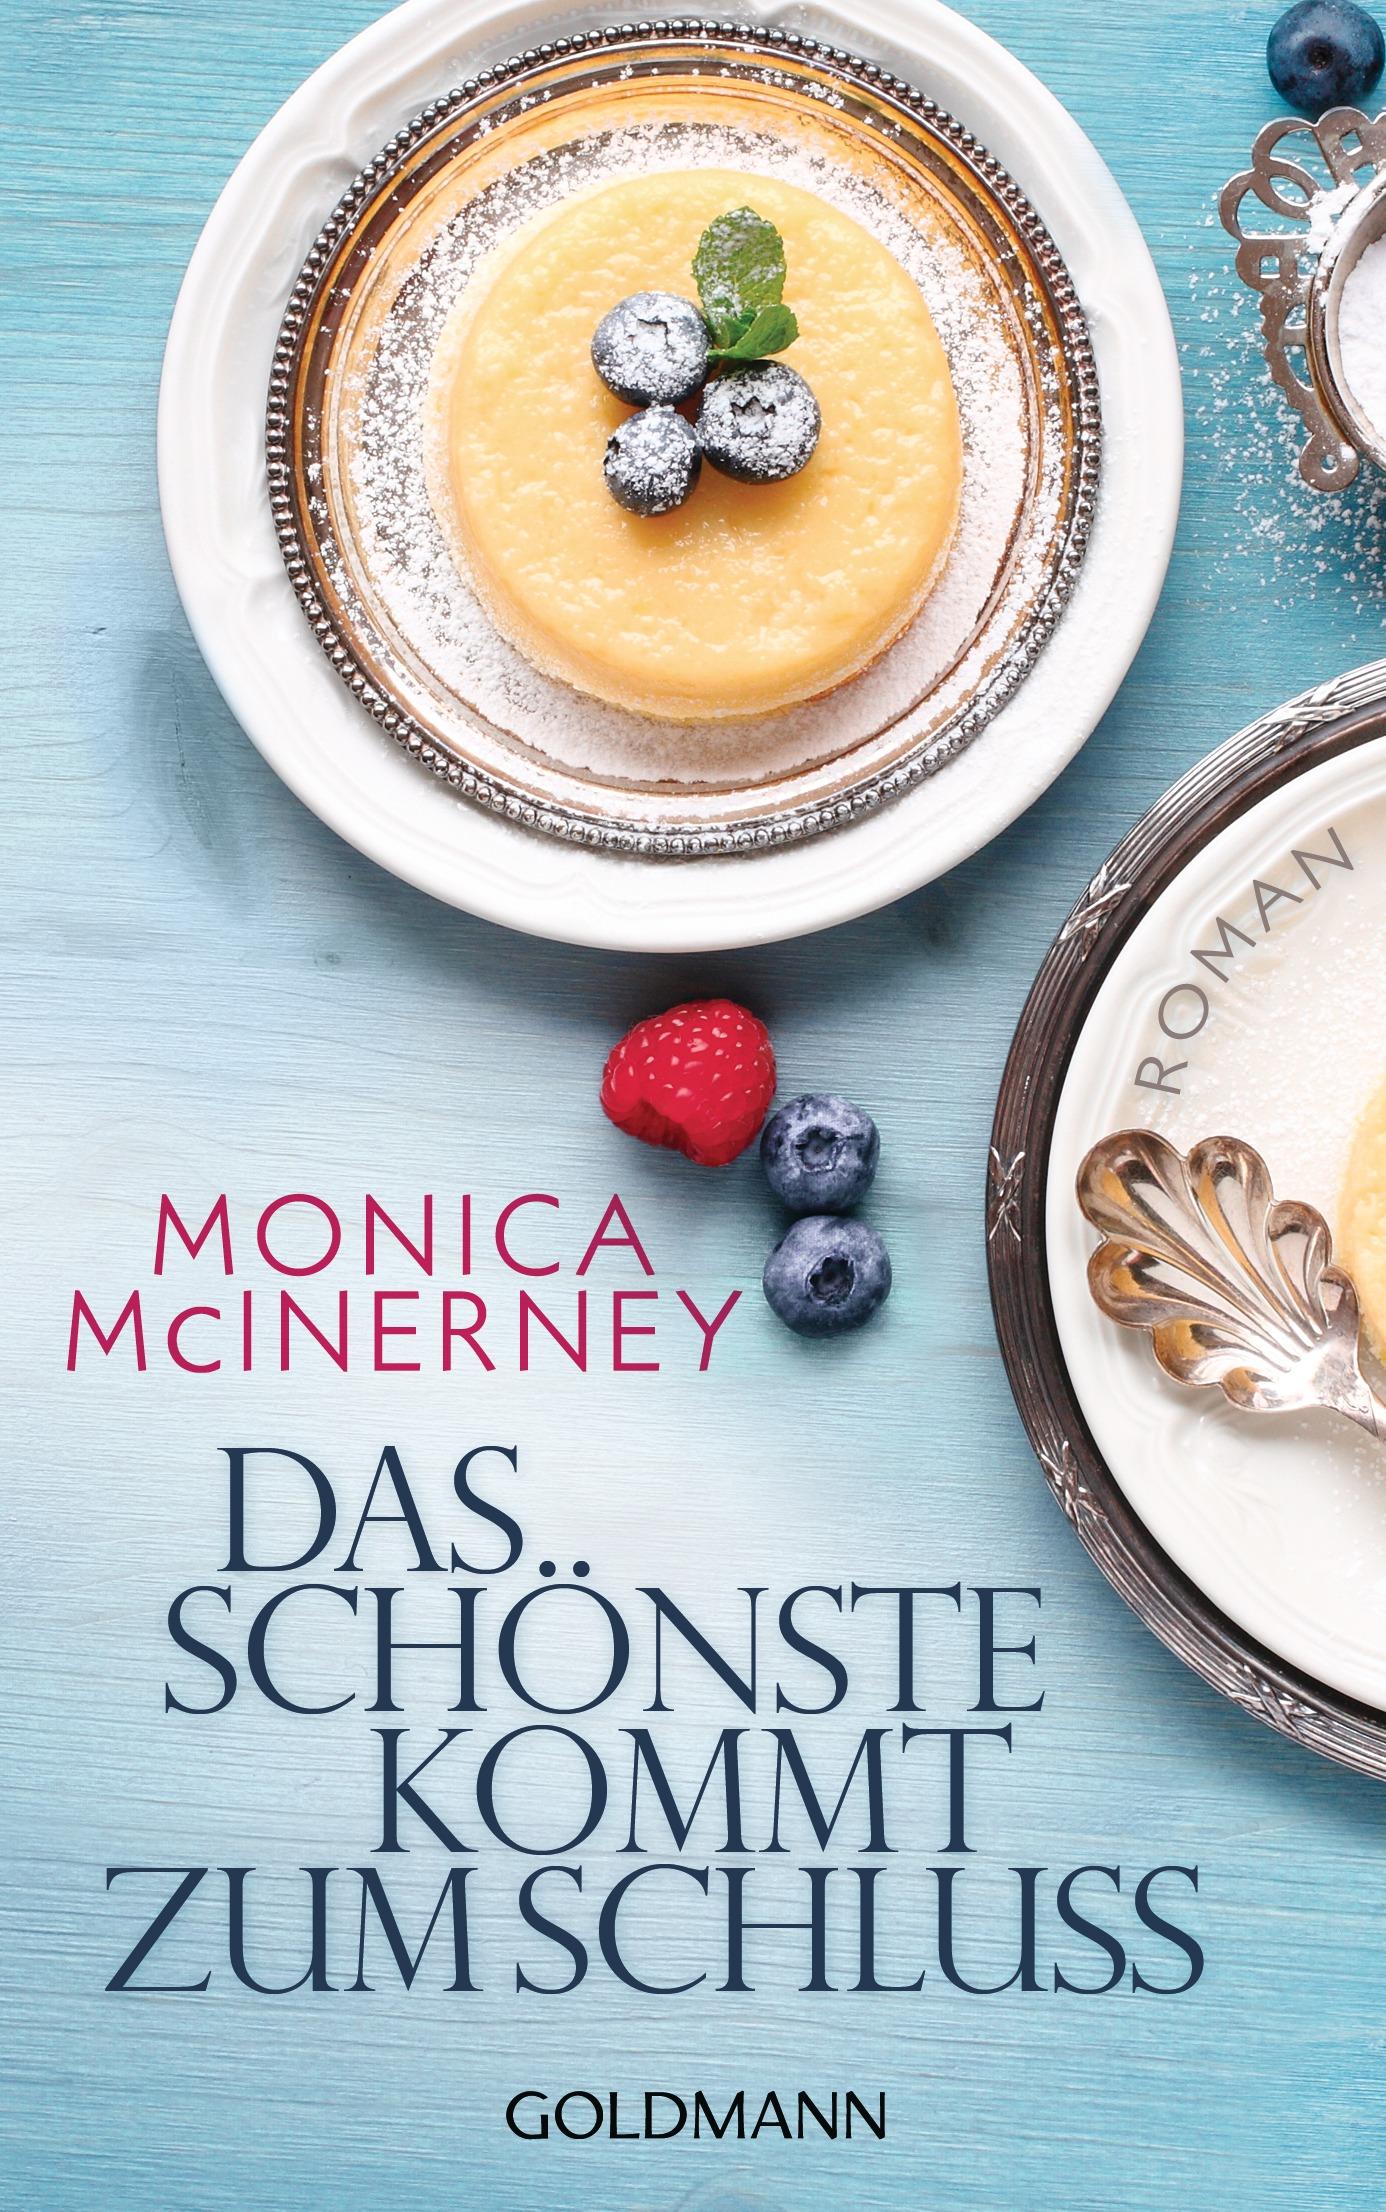 Das Schönste kommt zum Schluss - Monica McInerney